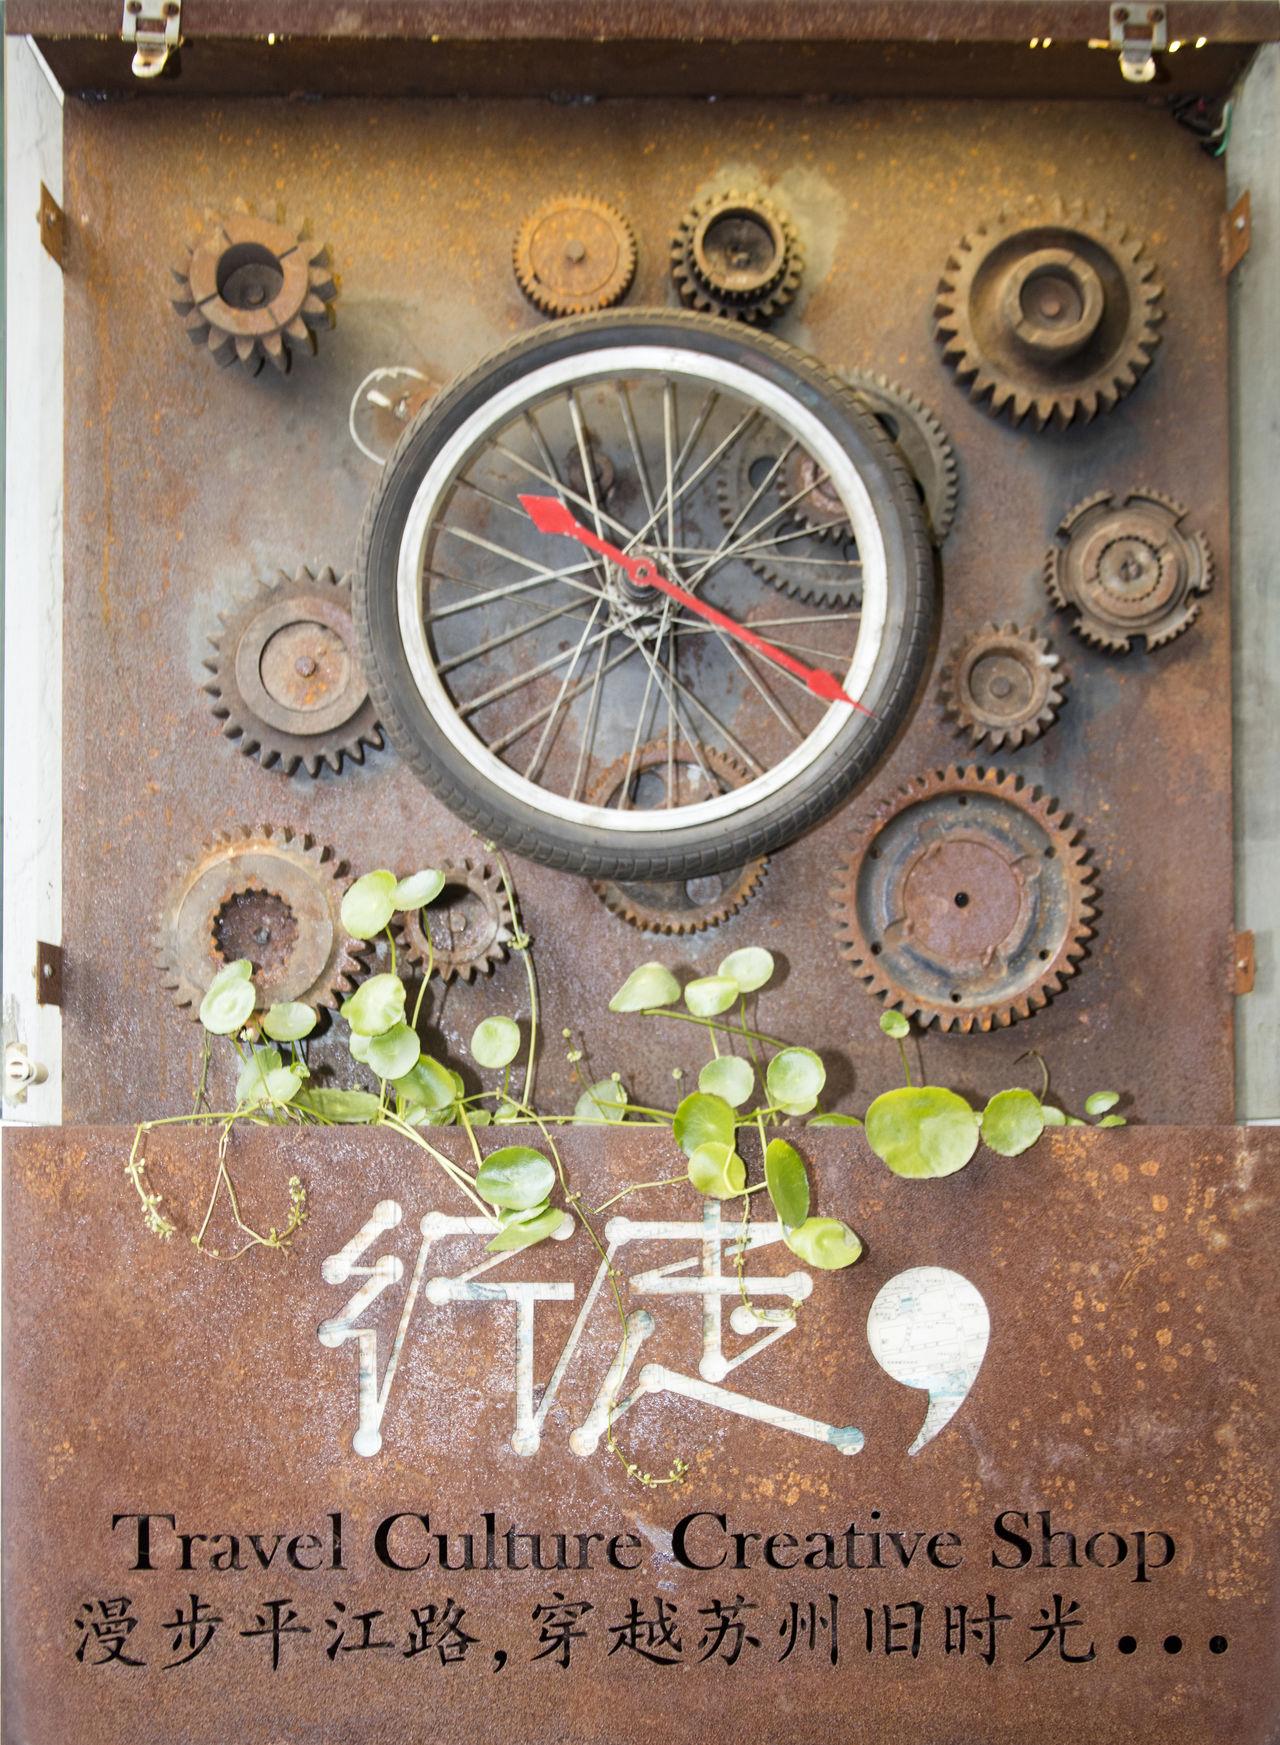 Canon EOS 5DS China China Beauty Chinese Creativity Pingjiang PIngjiang Road Suzhou Suzhou China SUZHOU PINGJIANG ST Suzhou Travel Culture Creative Shop Suzhou, China Venice Of The East